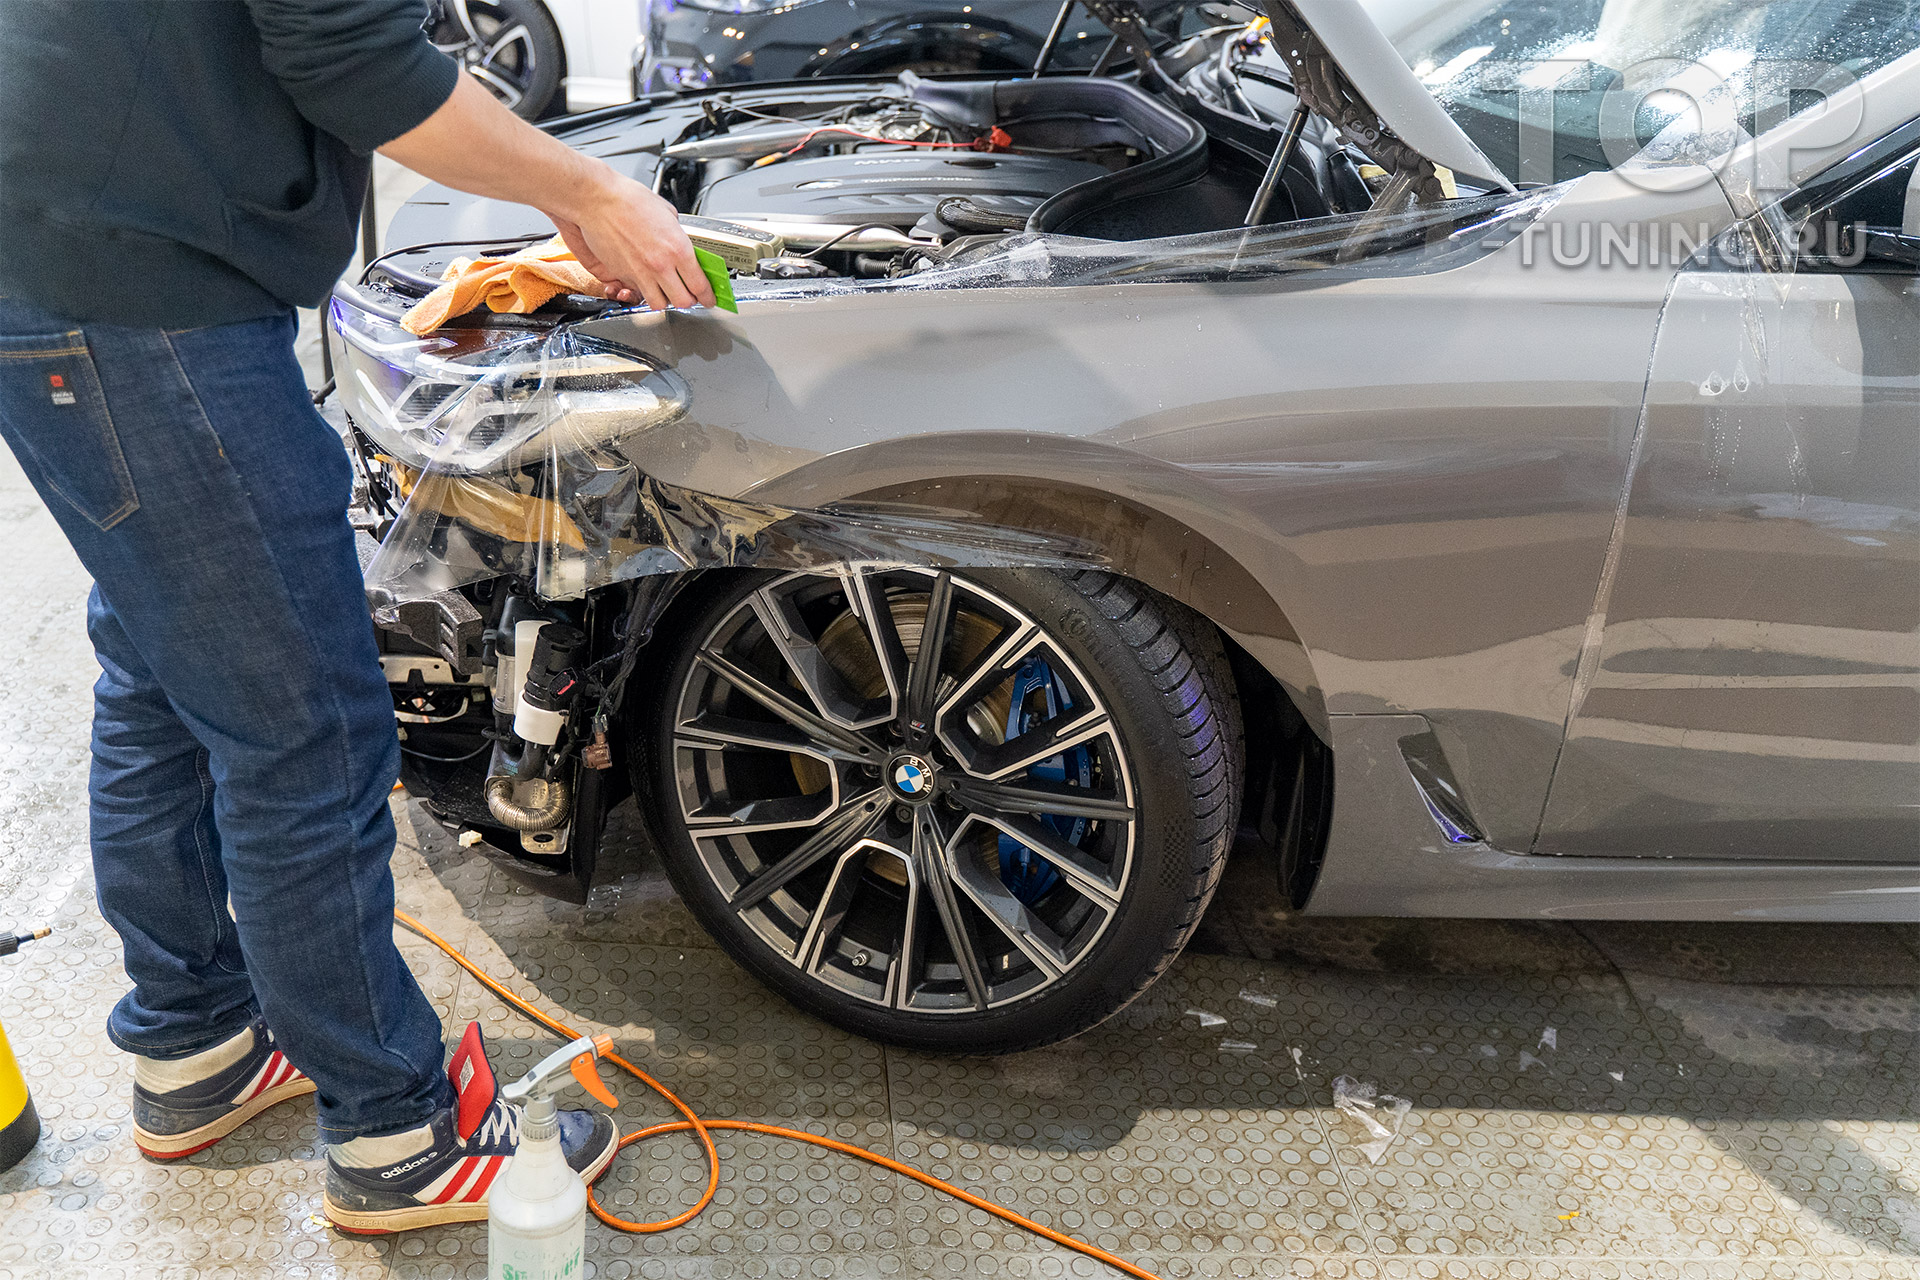 Оклейка зоны риска на BMW